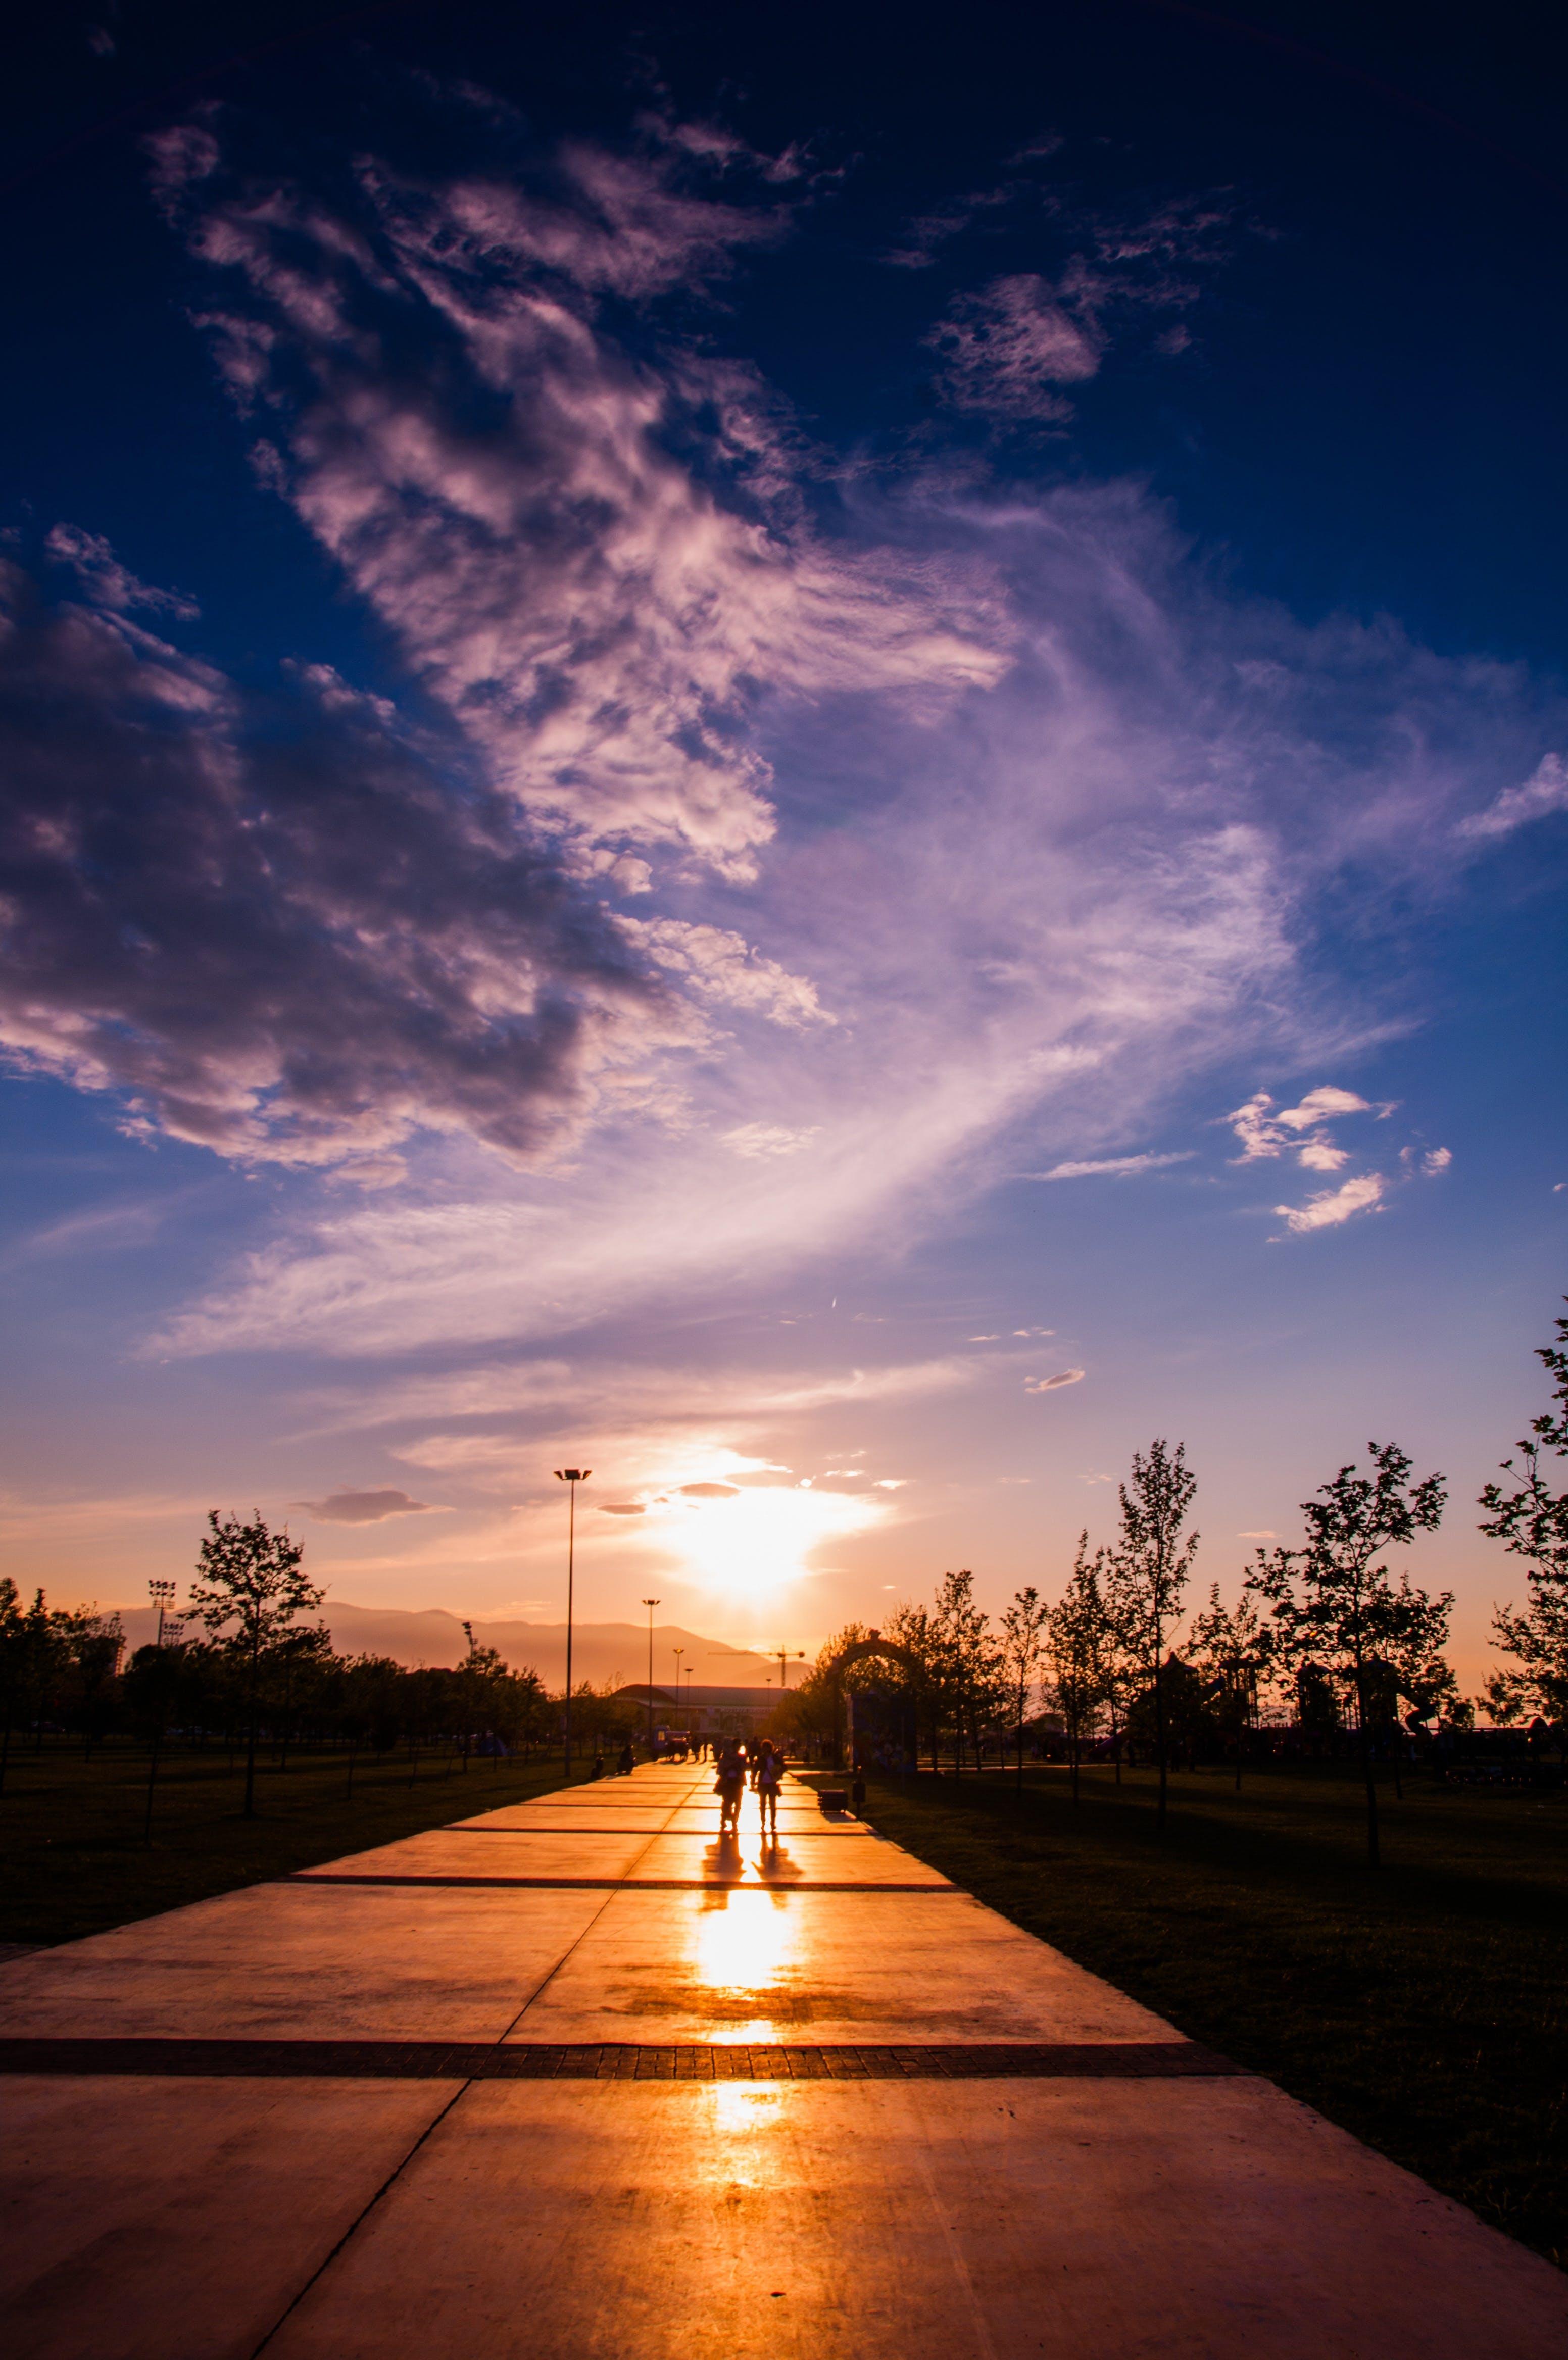 Two Person Walking on Concrete Pavement